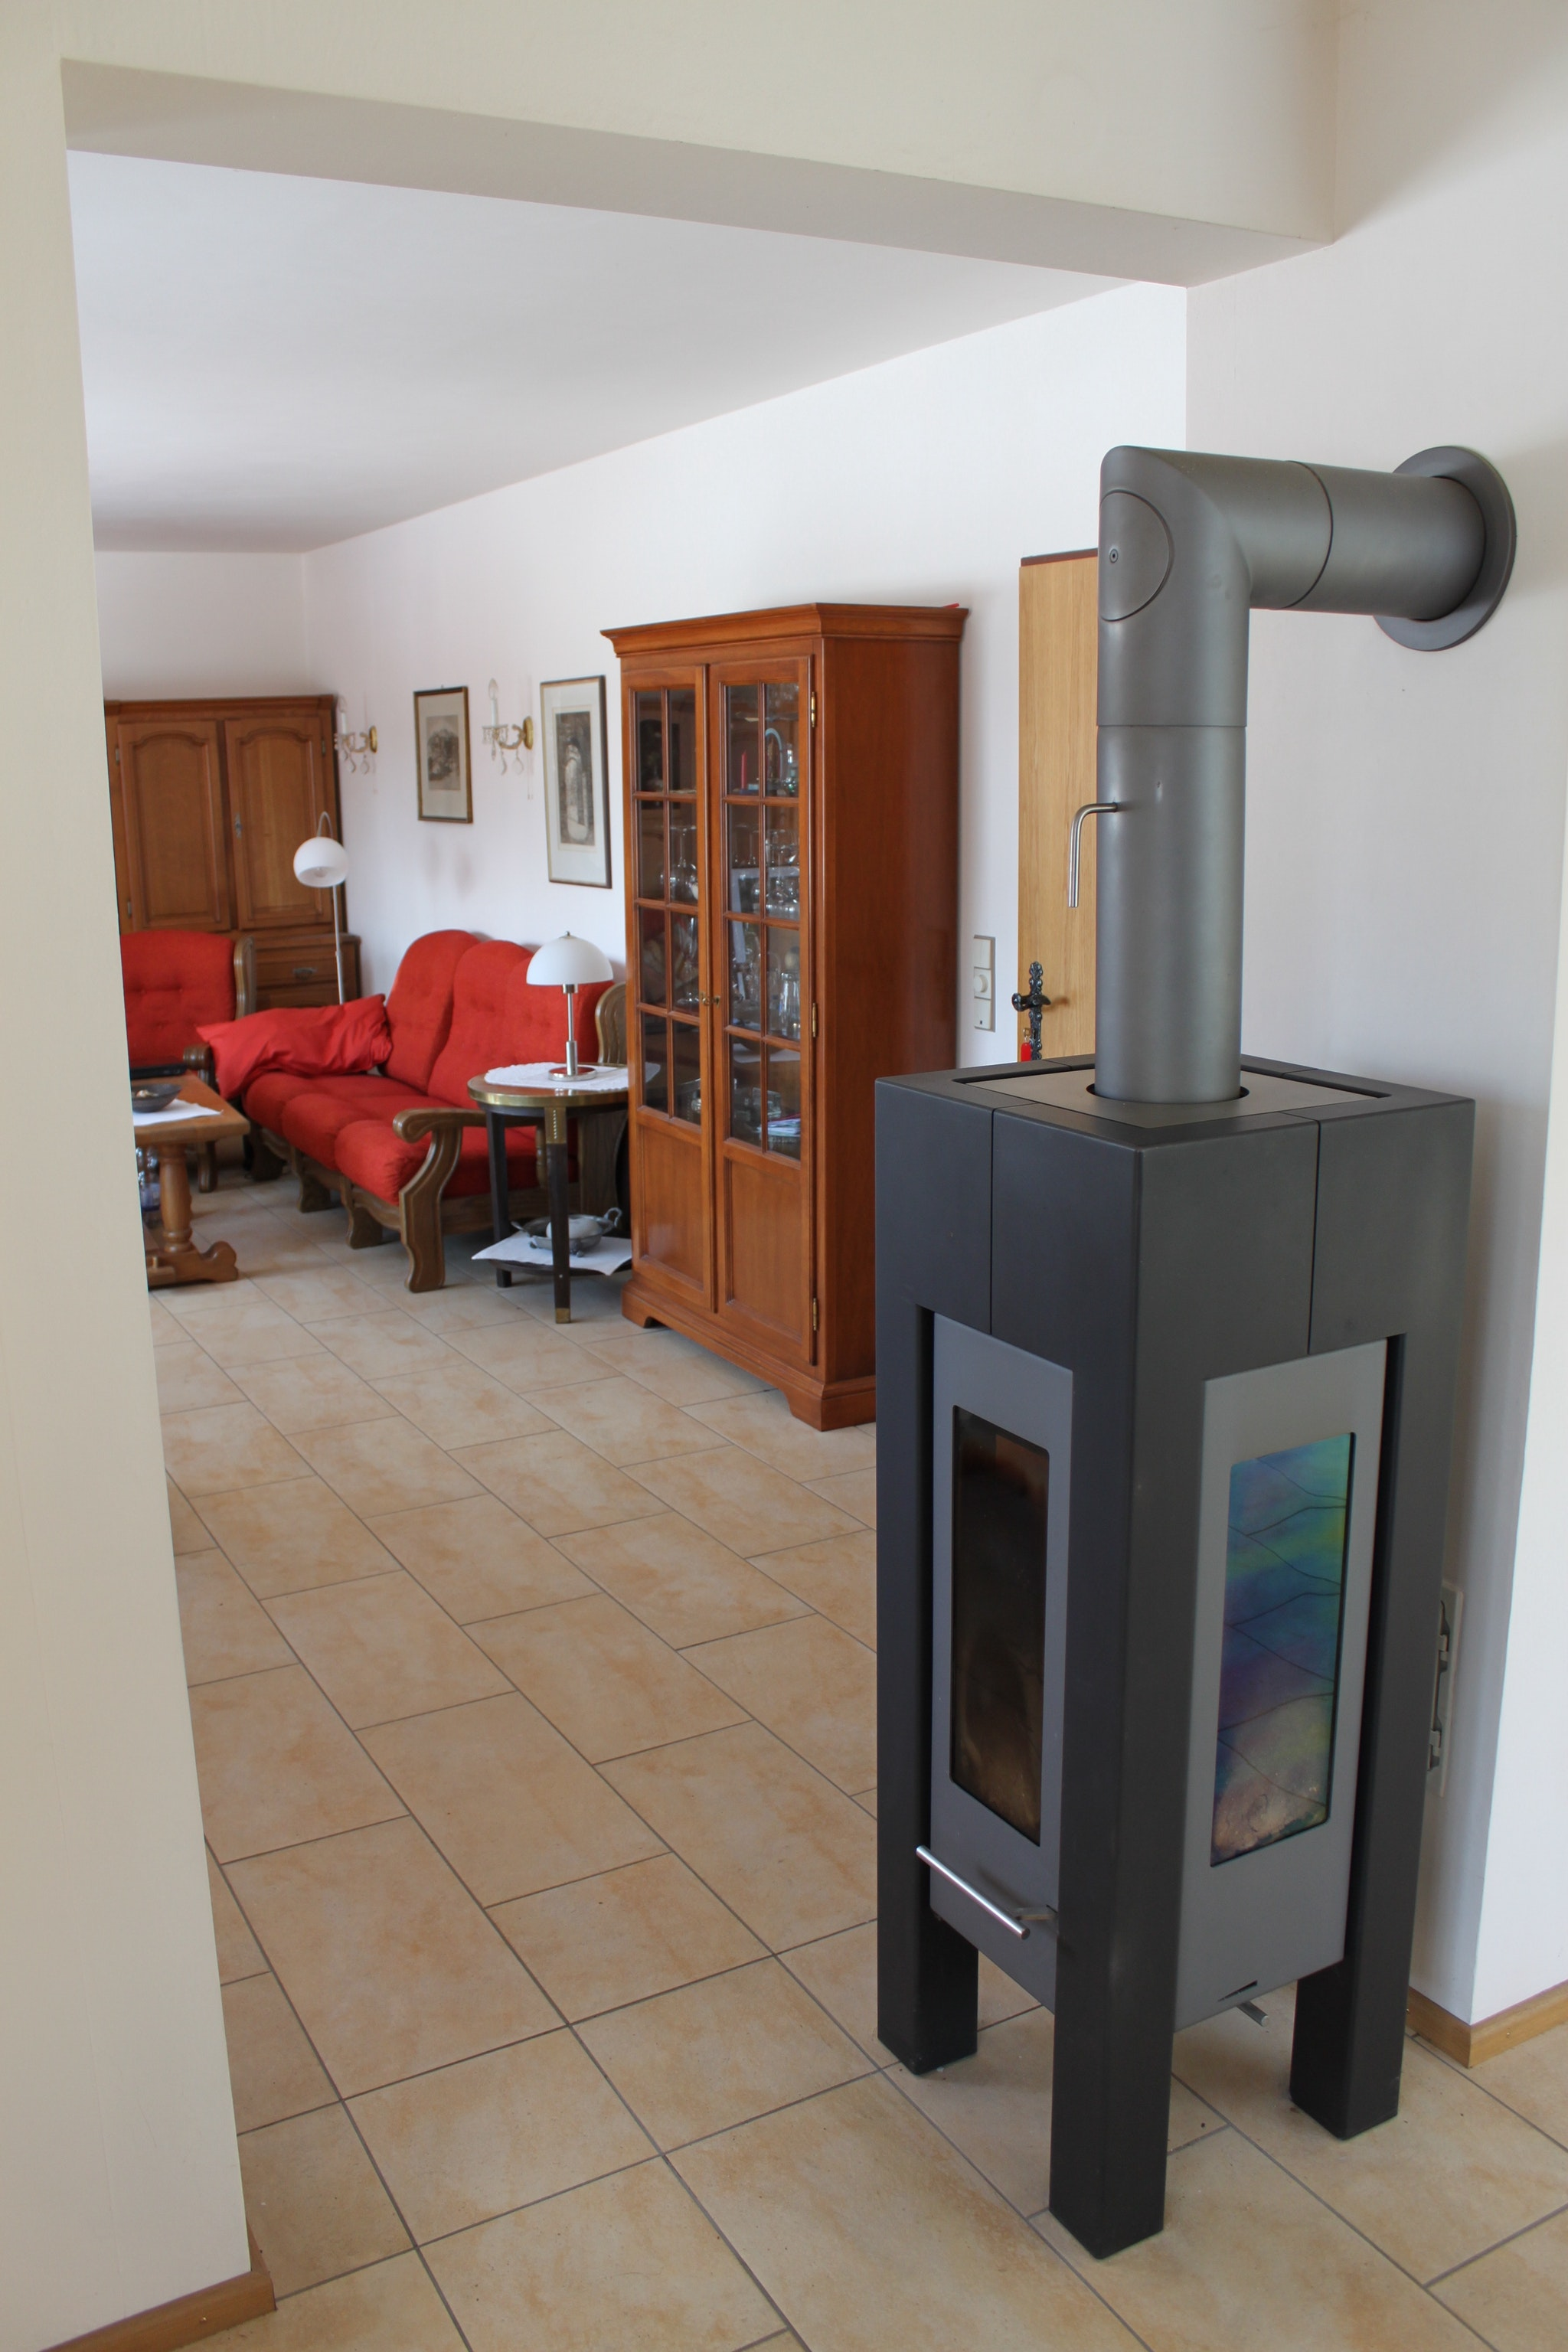 Haus mit 2 Zimmern in Dahlem mit möbliertem G Ferienwohnung  Eifel in NRW